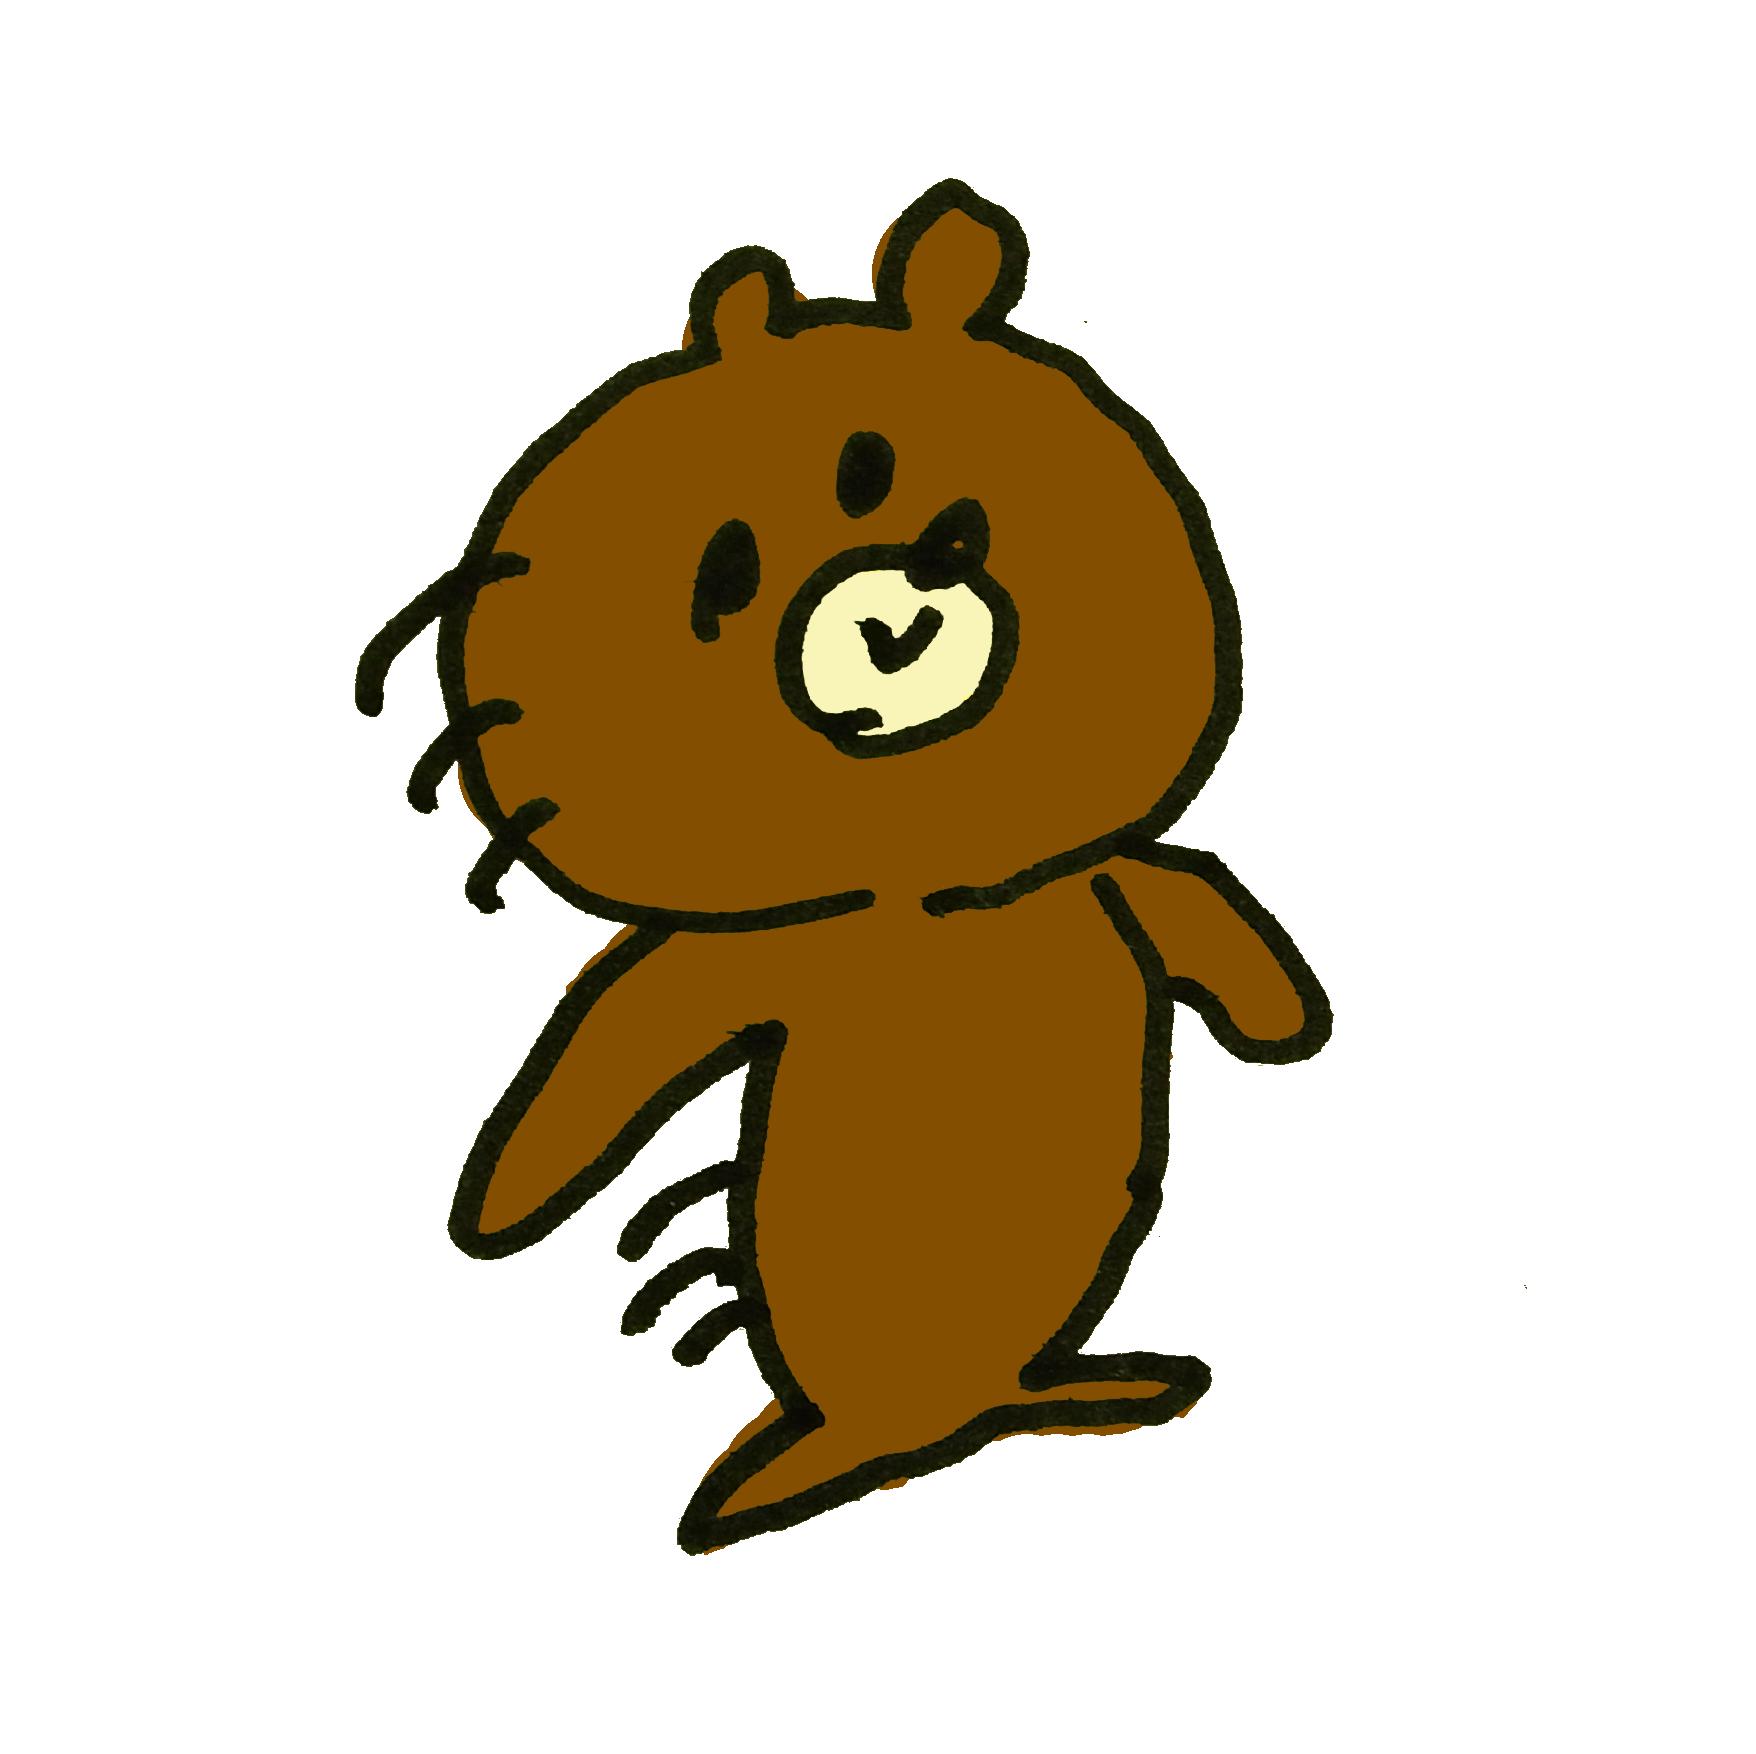 動きの早い熊